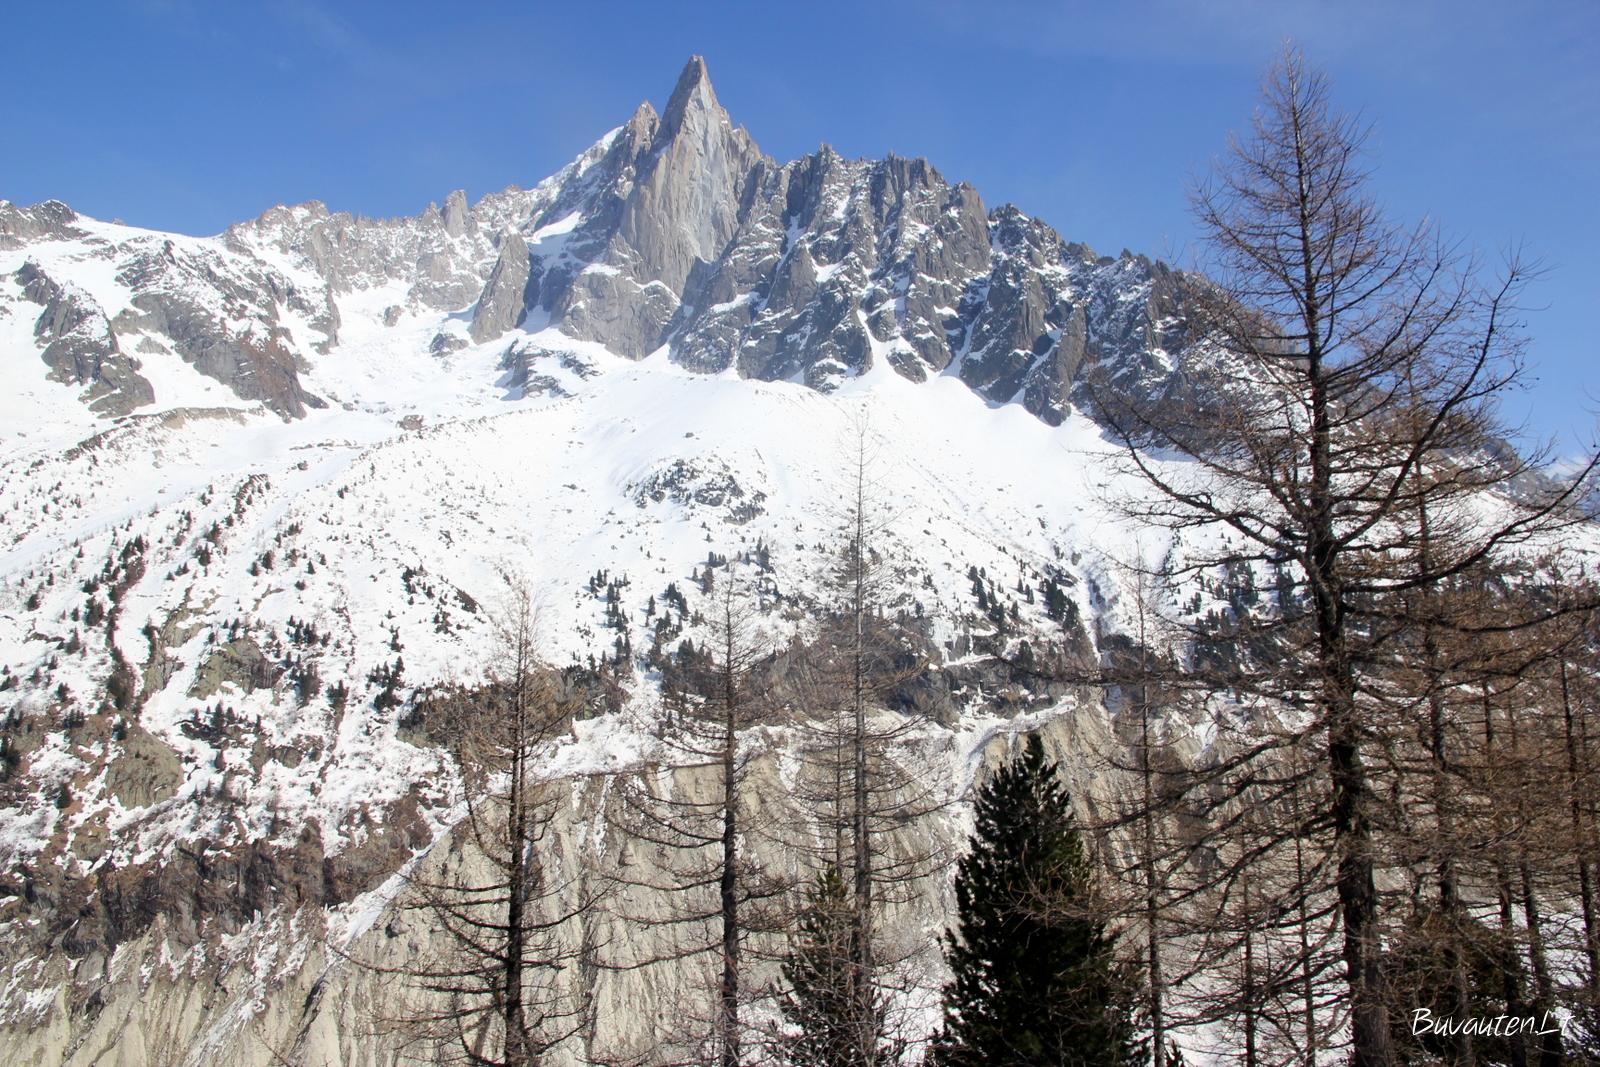 Les Drus viršukalnė